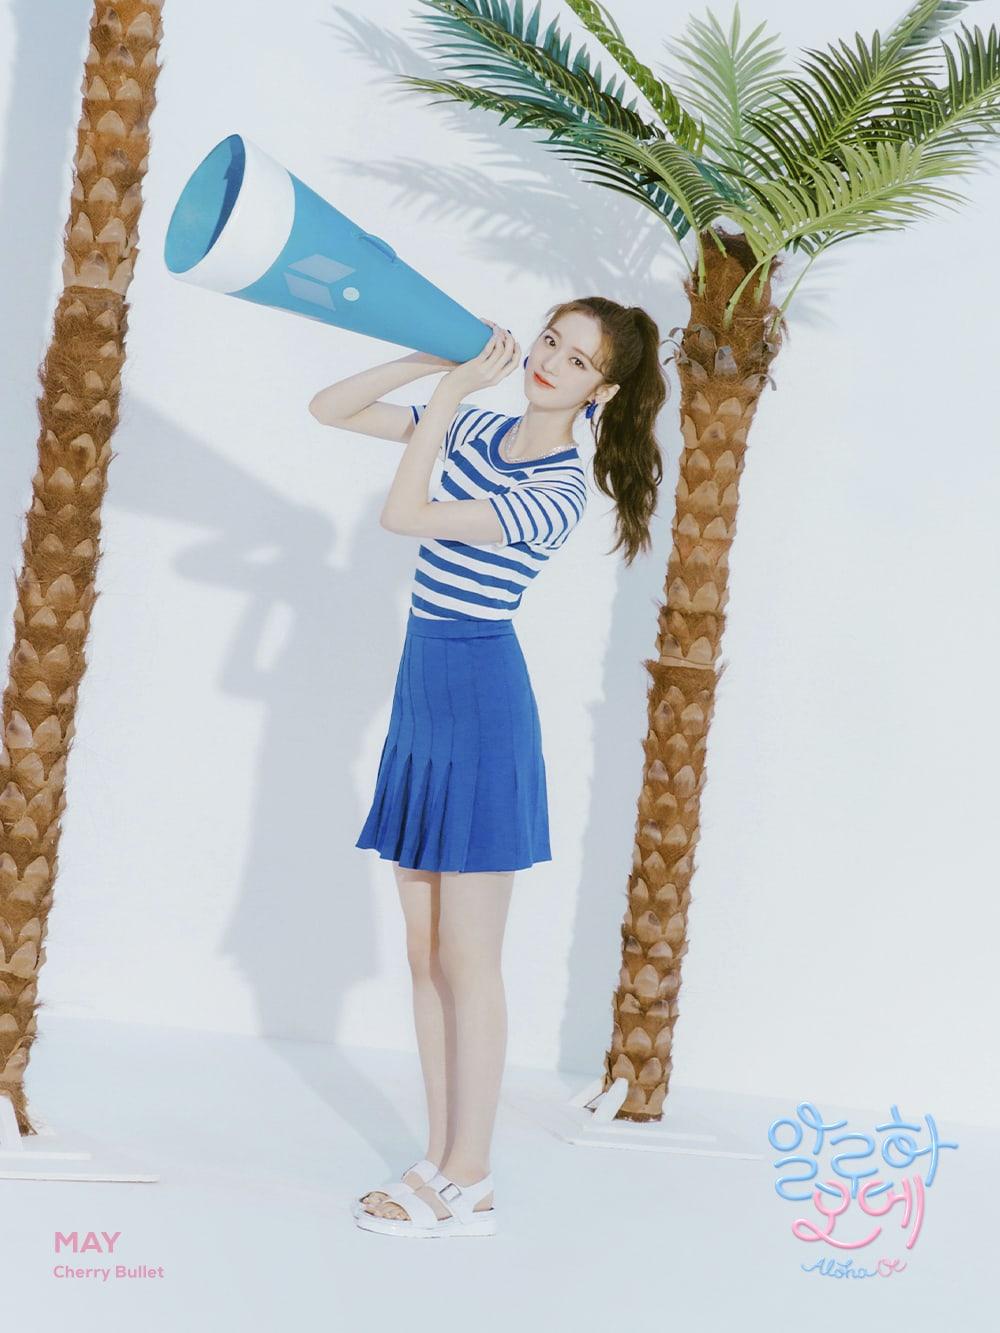 """みゃあ@🍒🔫Aloha Oe on Twitter: """"ビジュアルで夏と可愛さが出ている個別写真から4枚 可愛さ爆発してますわ😍 楽しみだなあ # CherryBullet #May #Yuju #Chaerin #Bora… """""""